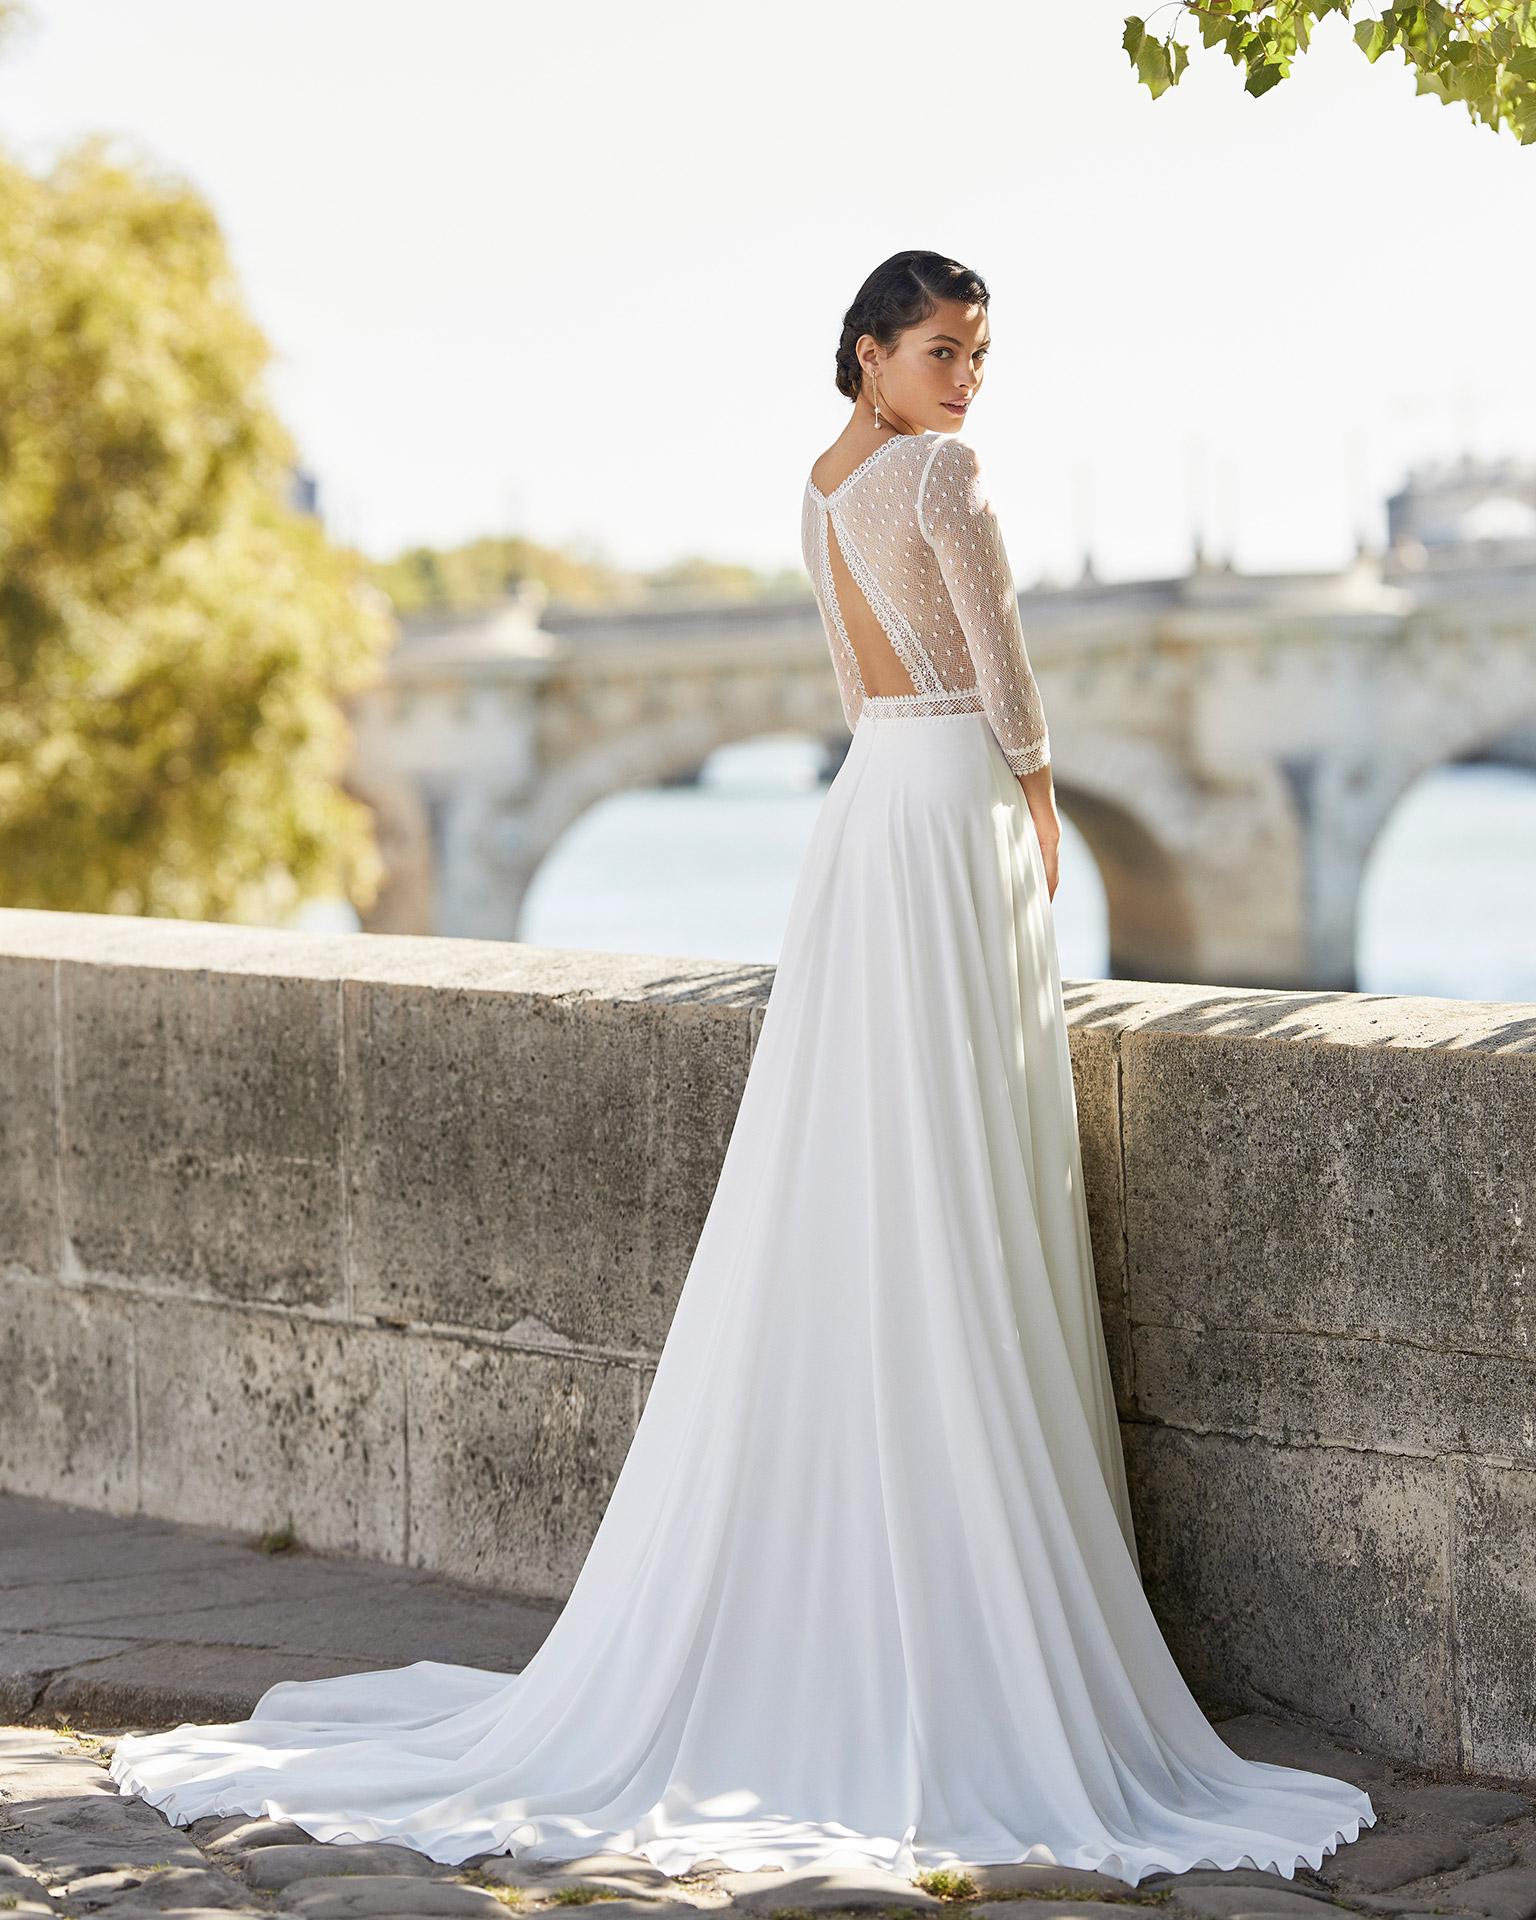 Vestido de novia de gasa. Escote en V, manga tres cuarto de tul plumeti acabado en encaje, espalda con forma triángulo de tul plumeti. Colección ALMANOVIA 2021.